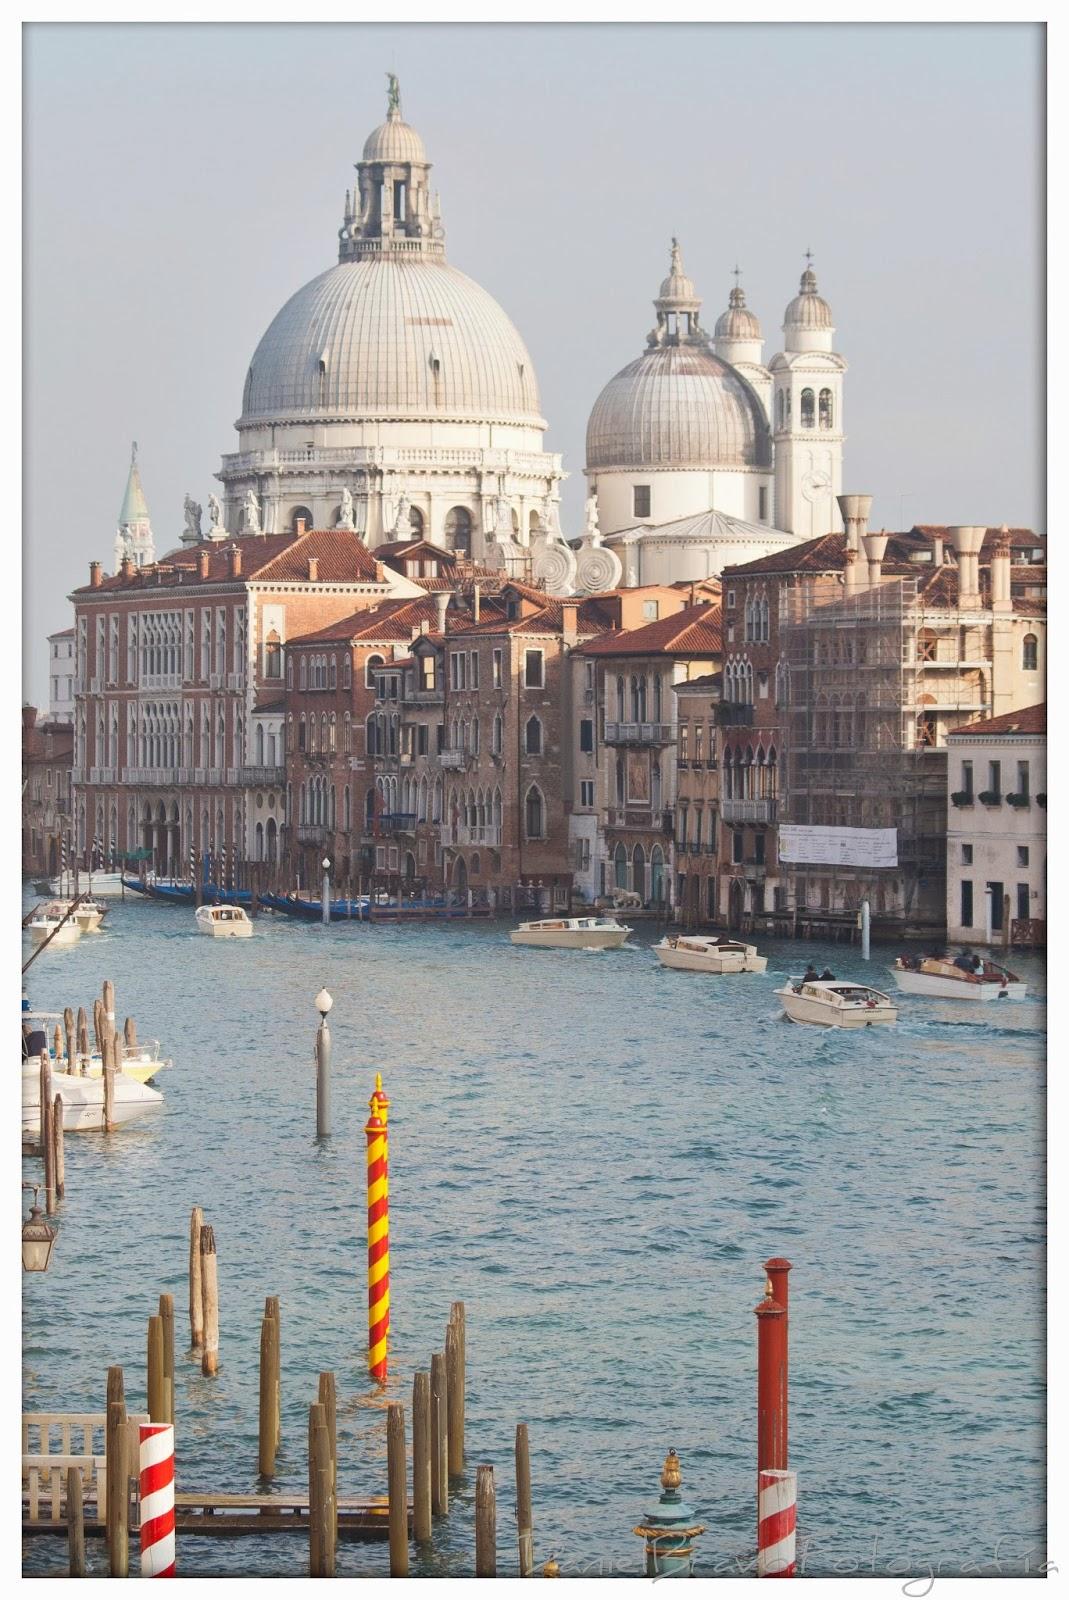 Gran Canal, muelles y cúpulas de la iglesia de La Salute en Venecia